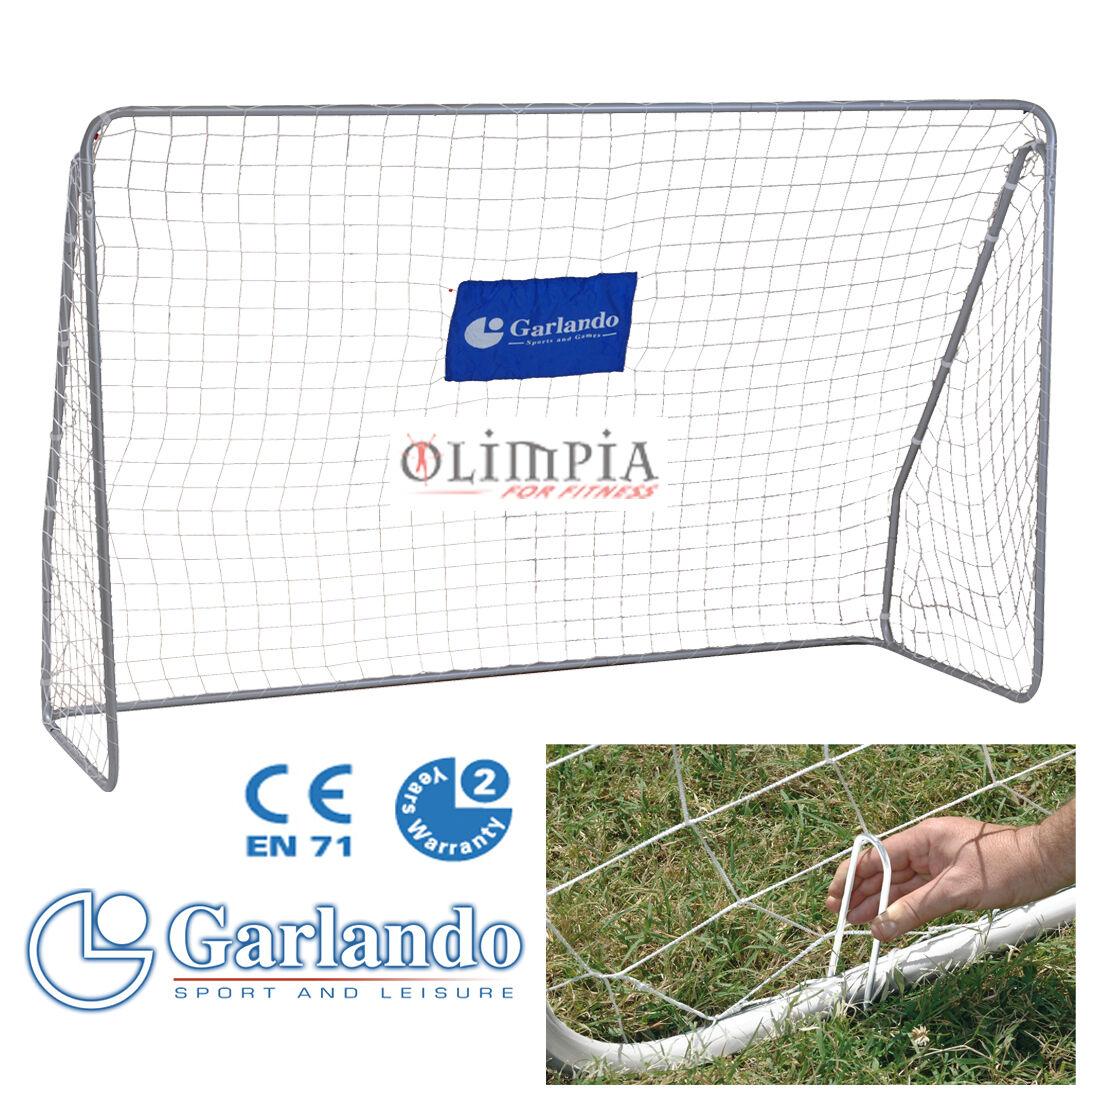 GARLeO  Porta Calcio FIELD MATCH 300x200cm  Regolamentare per CALCETTO